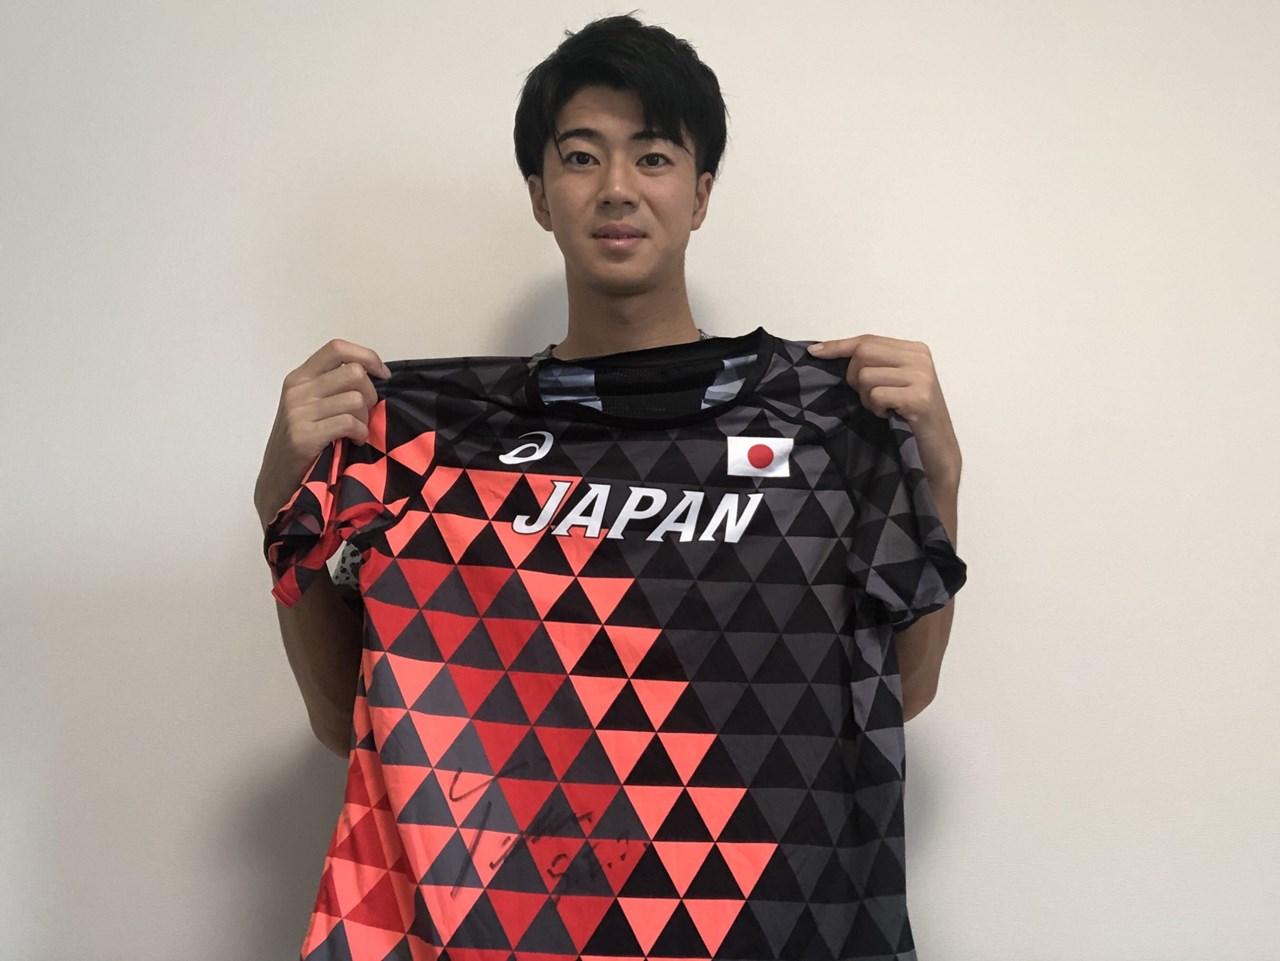 【日本陸連公式】多田 修平 選手